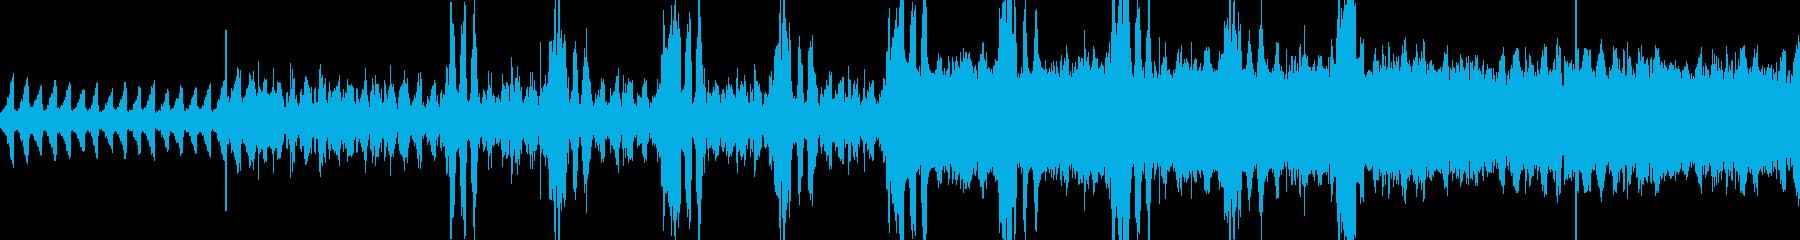 戦闘曲風味な曲の再生済みの波形